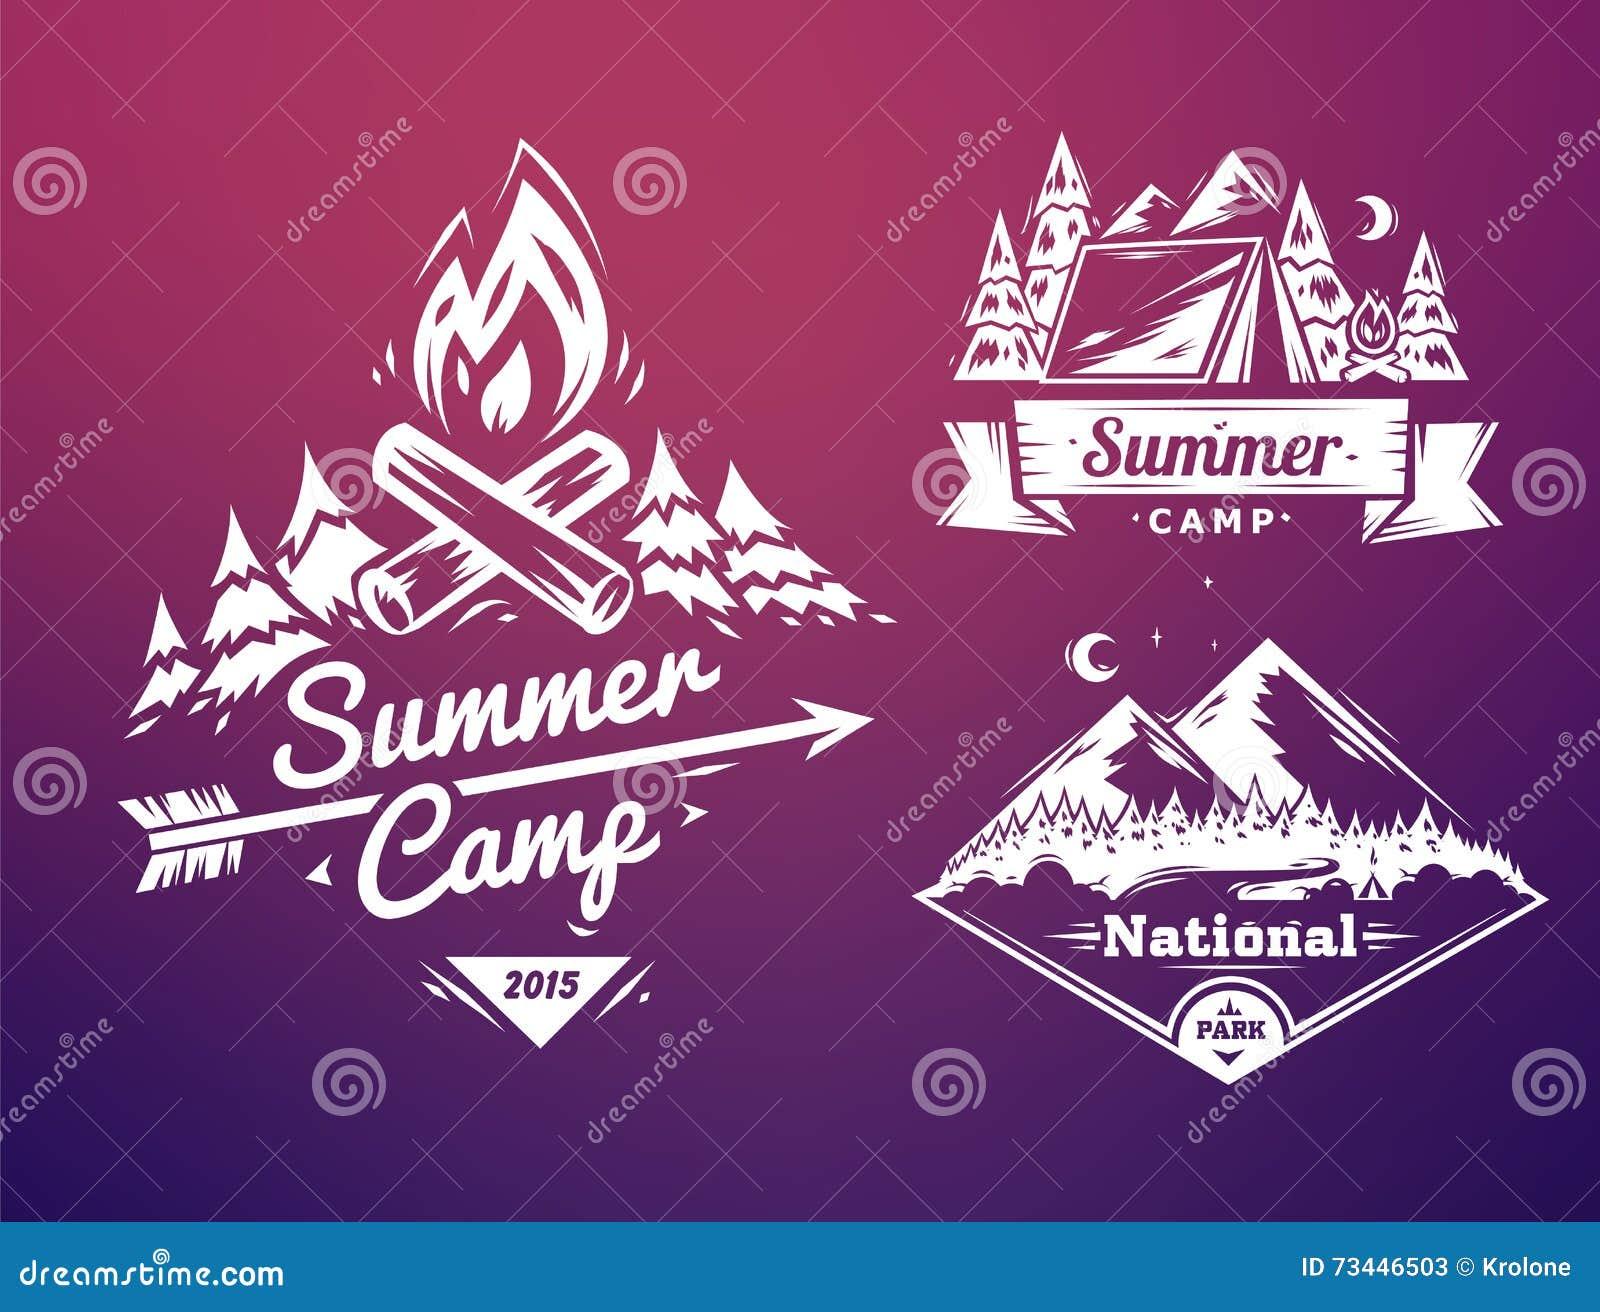 La Tipografía Del Campamento De Verano Y Del Parque Nacional Diseña